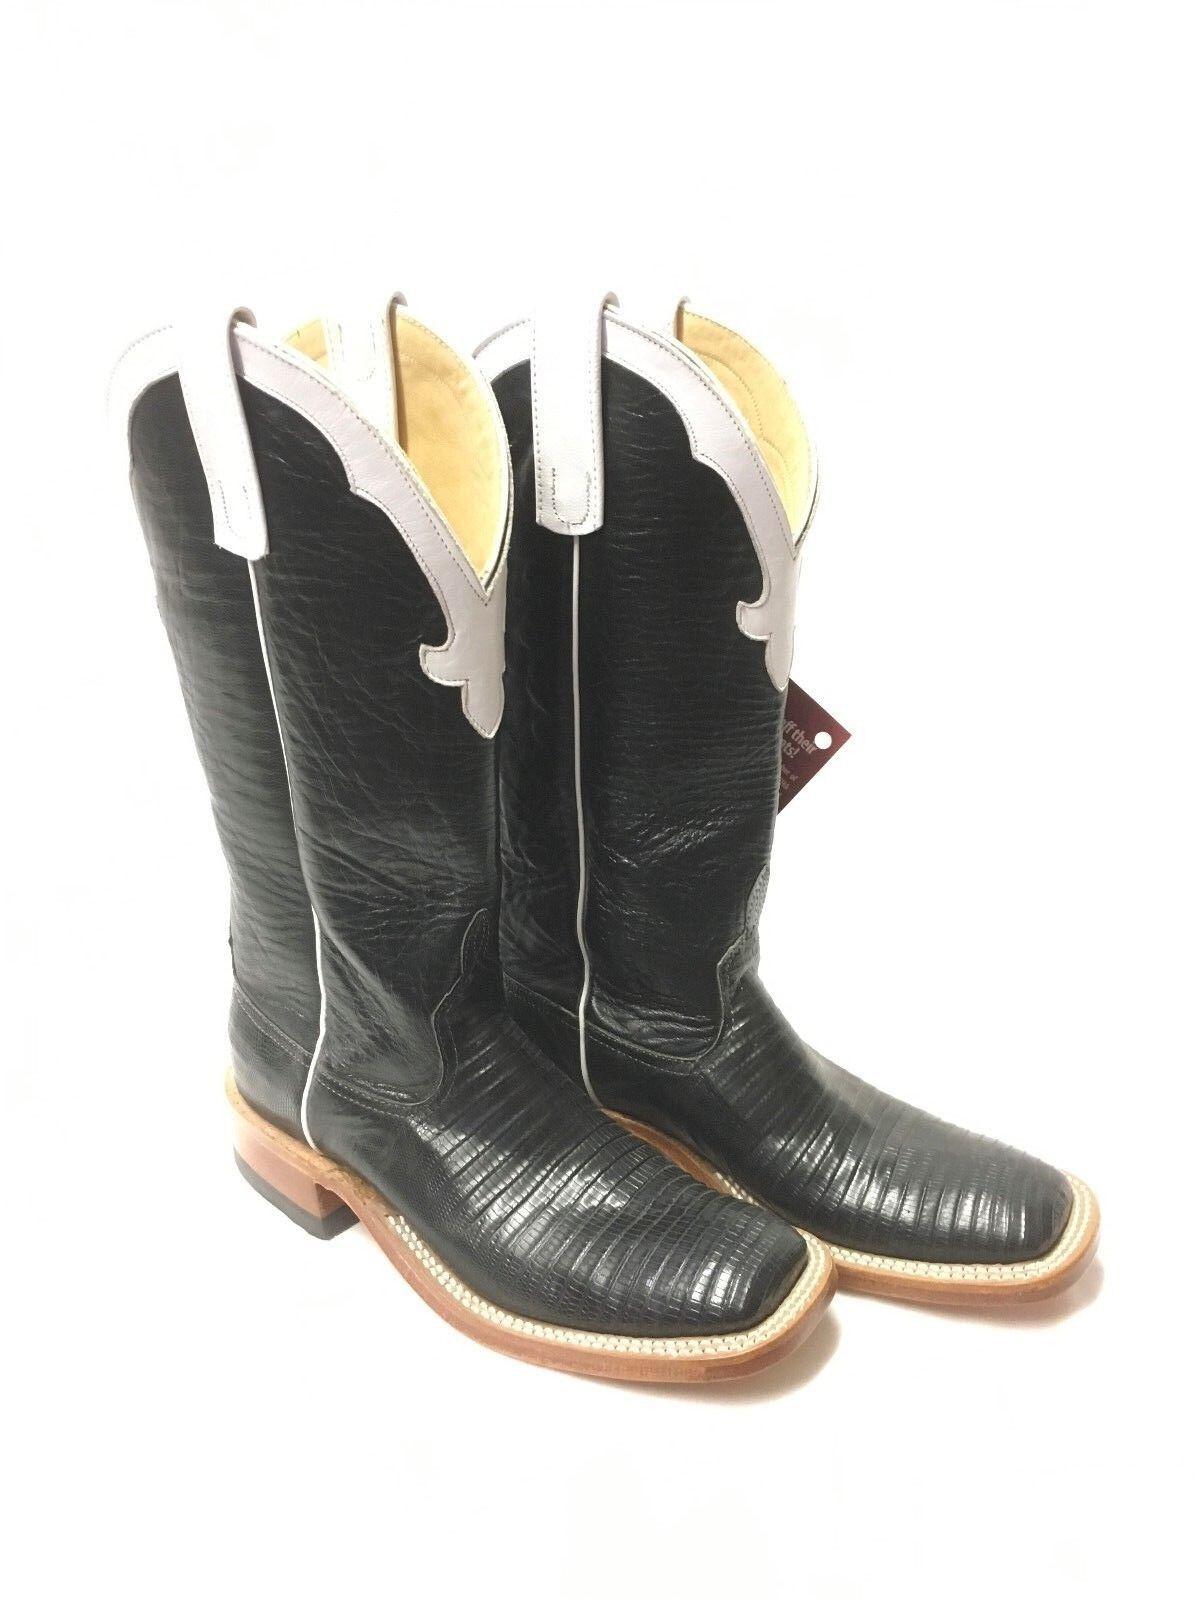 Señoras Señoras Señoras Anderson Bean botas-Nrha dedo del pie cuadrado de lagarto negro, estilo 4038J  buena reputación